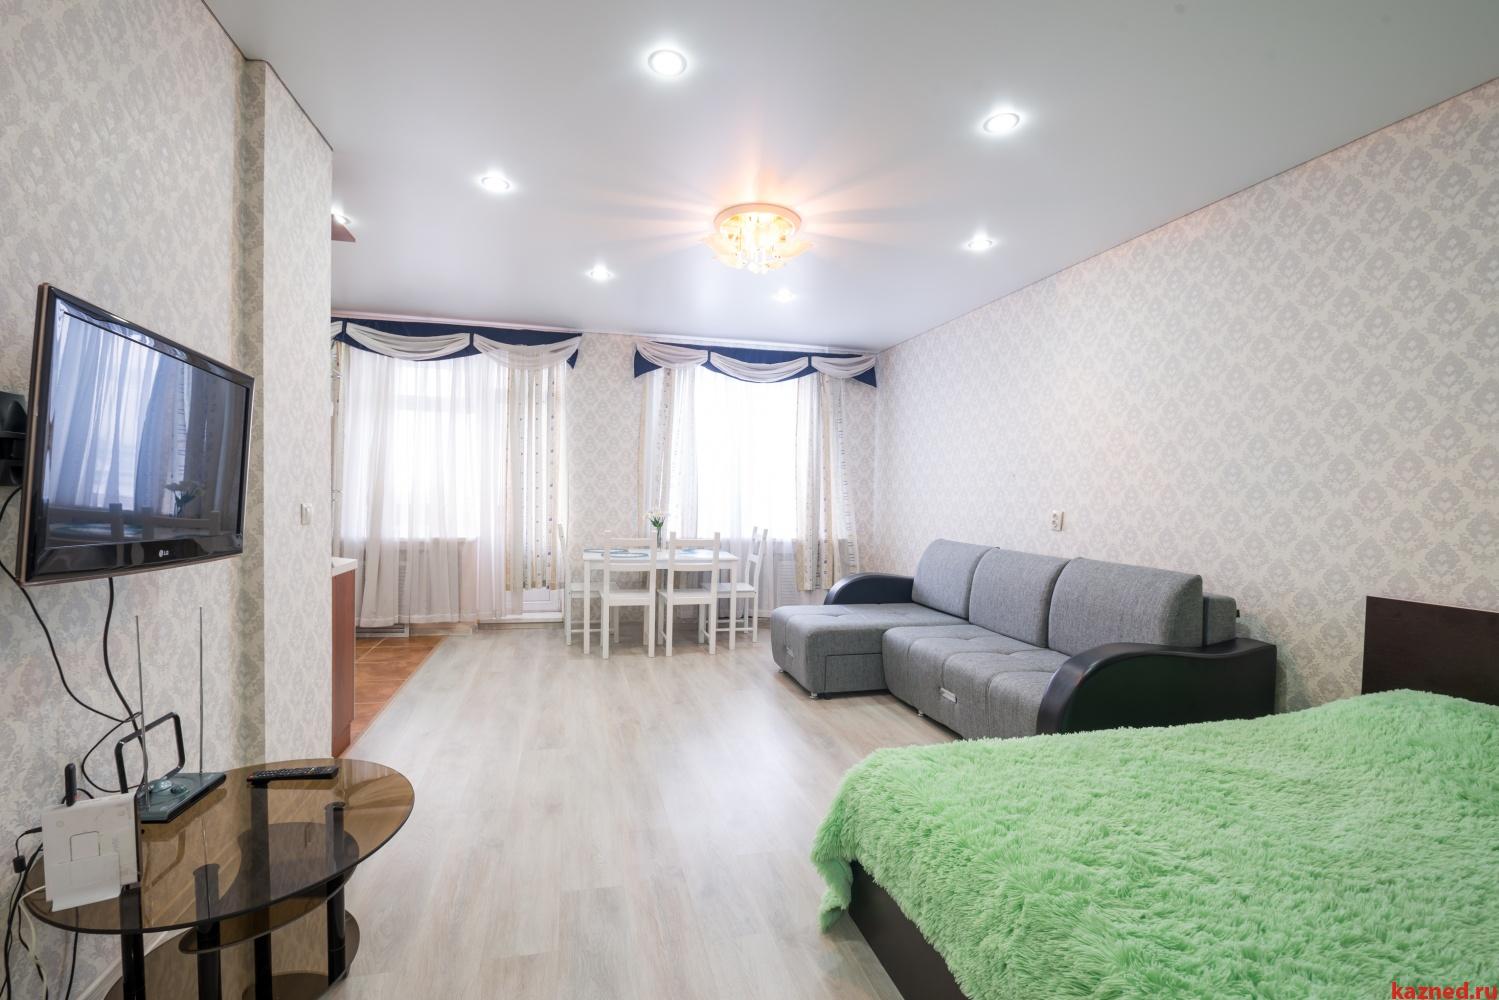 Посуточная аренда 1-к квартиры ул.Тихомирного д.1, 50 м² (миниатюра №1)